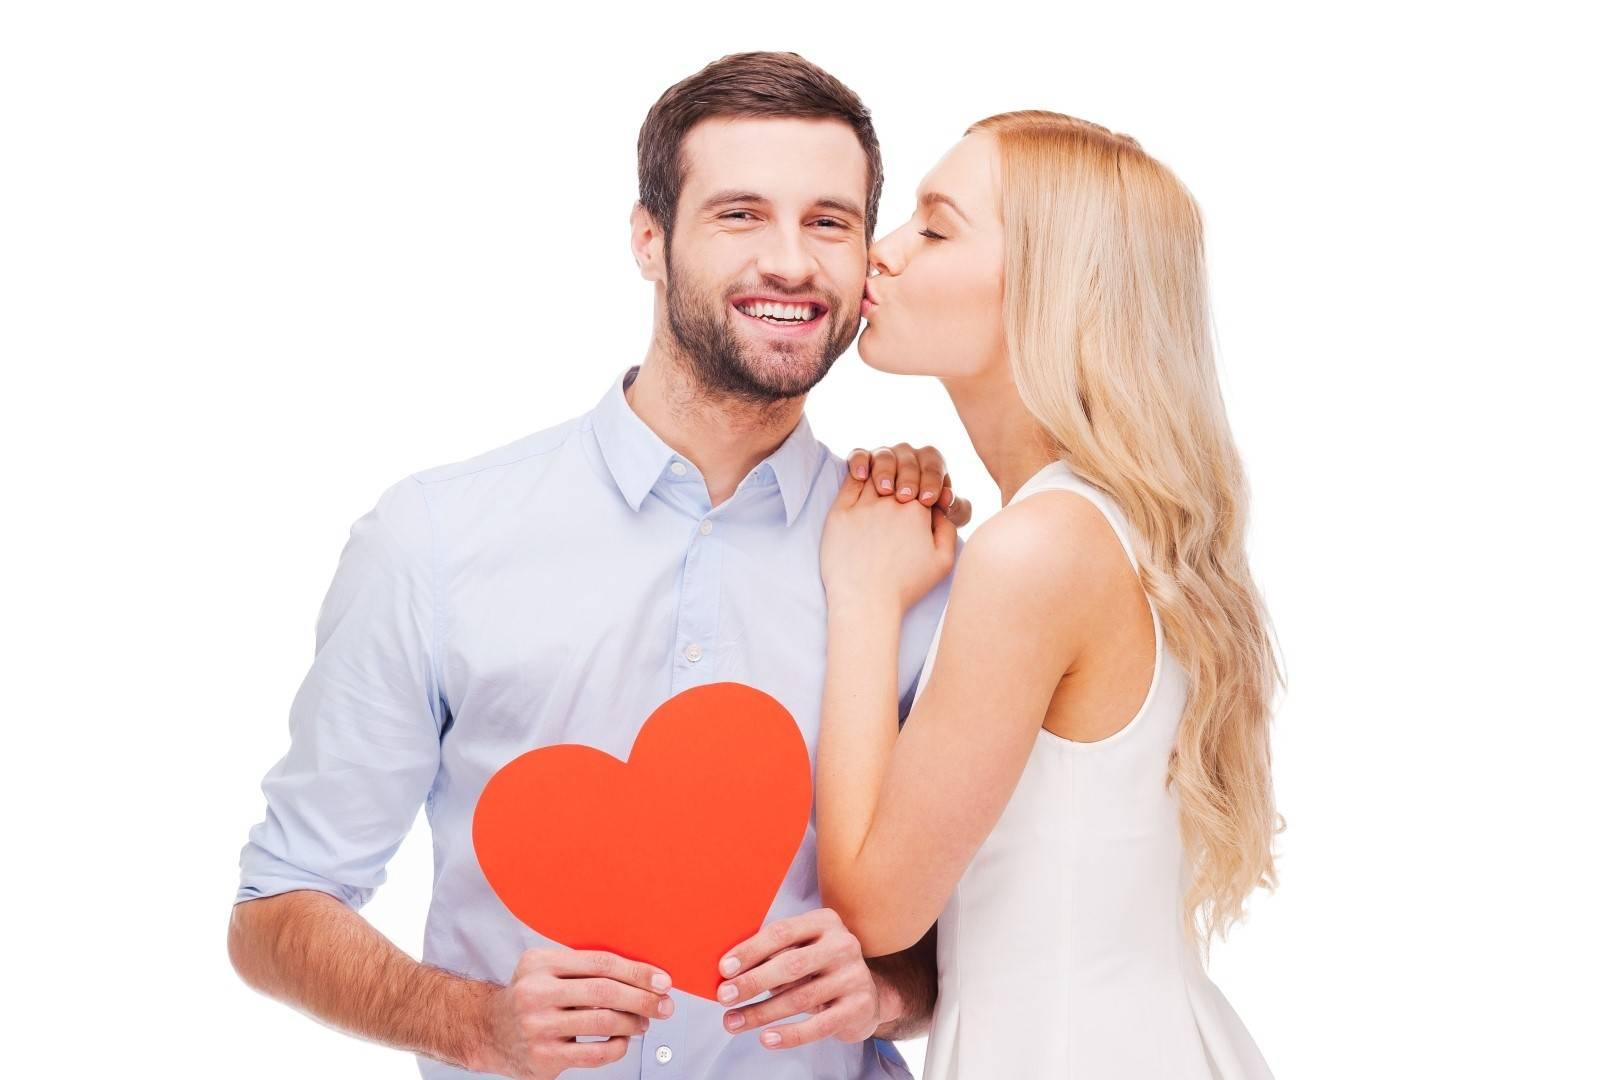 spotyka się z mężczyzną, który właśnie wyszedł z długotrwałego związku